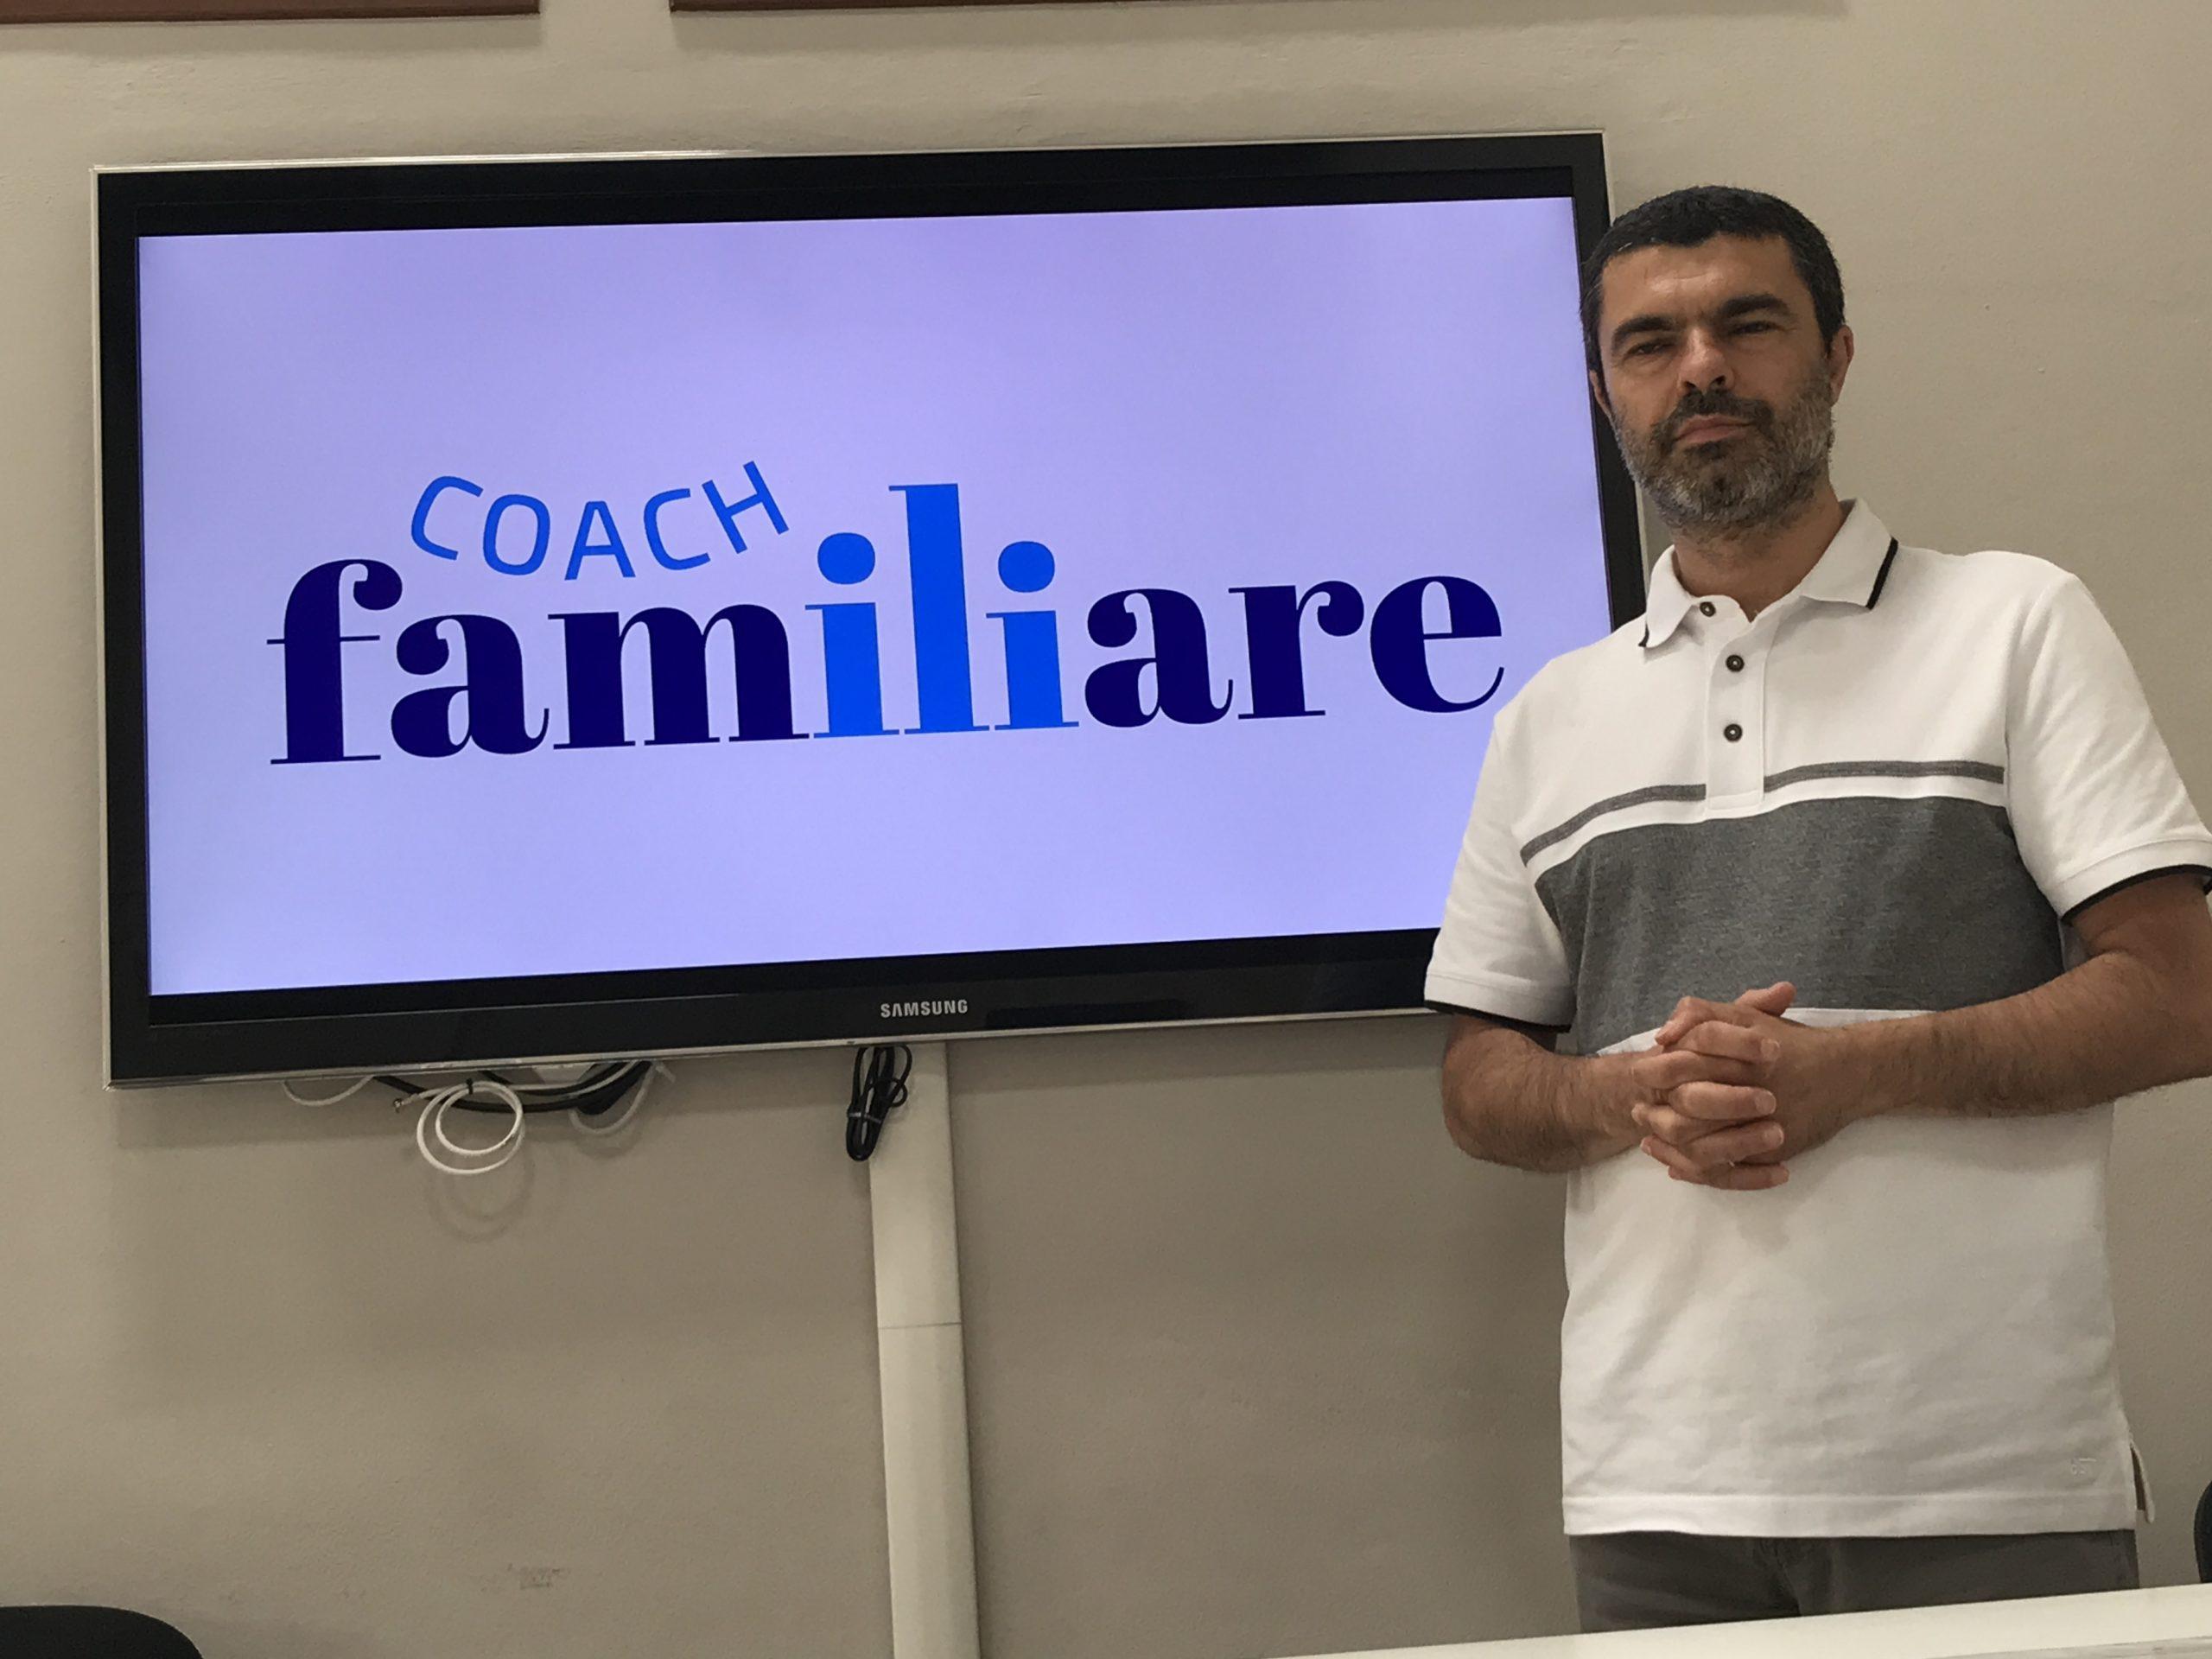 Pietro Berti ideatore del metodo del Coach Familiare